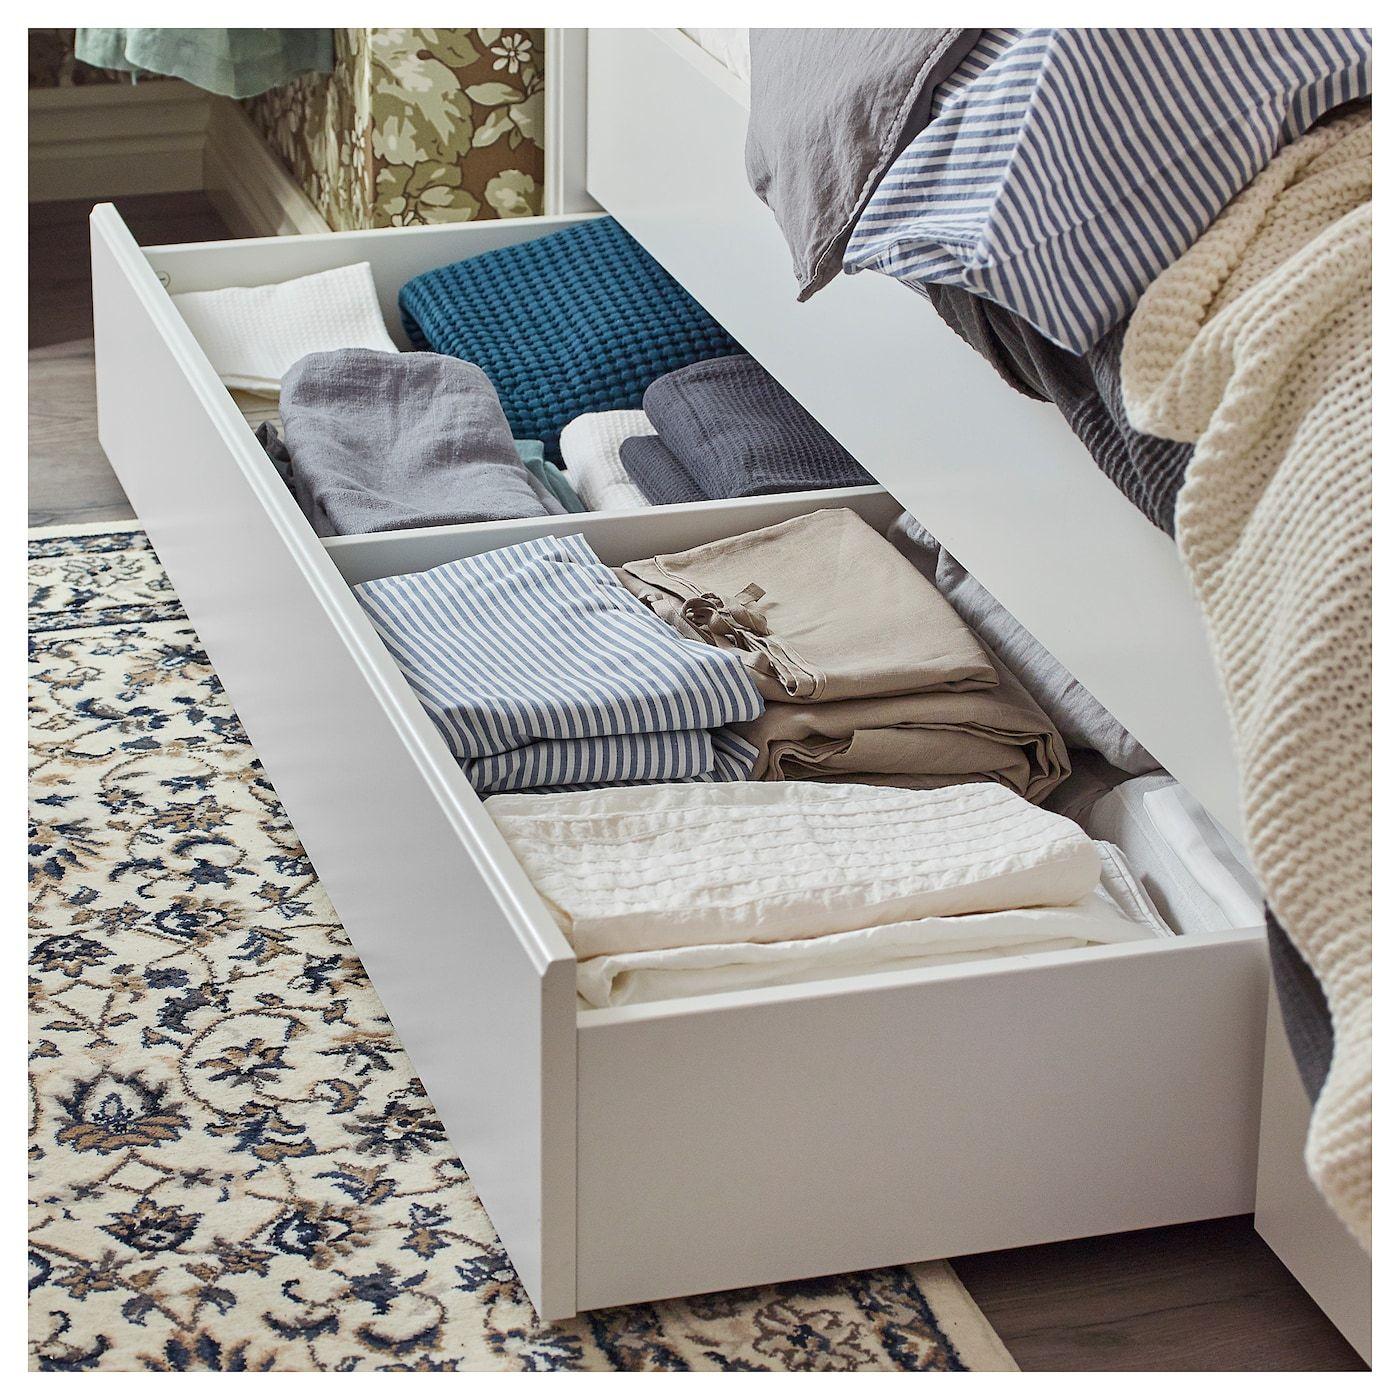 Songesand Cadre De Lit 2boites De Rangement Blanc Luroy 140x200 Cm Bett Lagerung Bett Mit Aufbewahrung Bettgestell